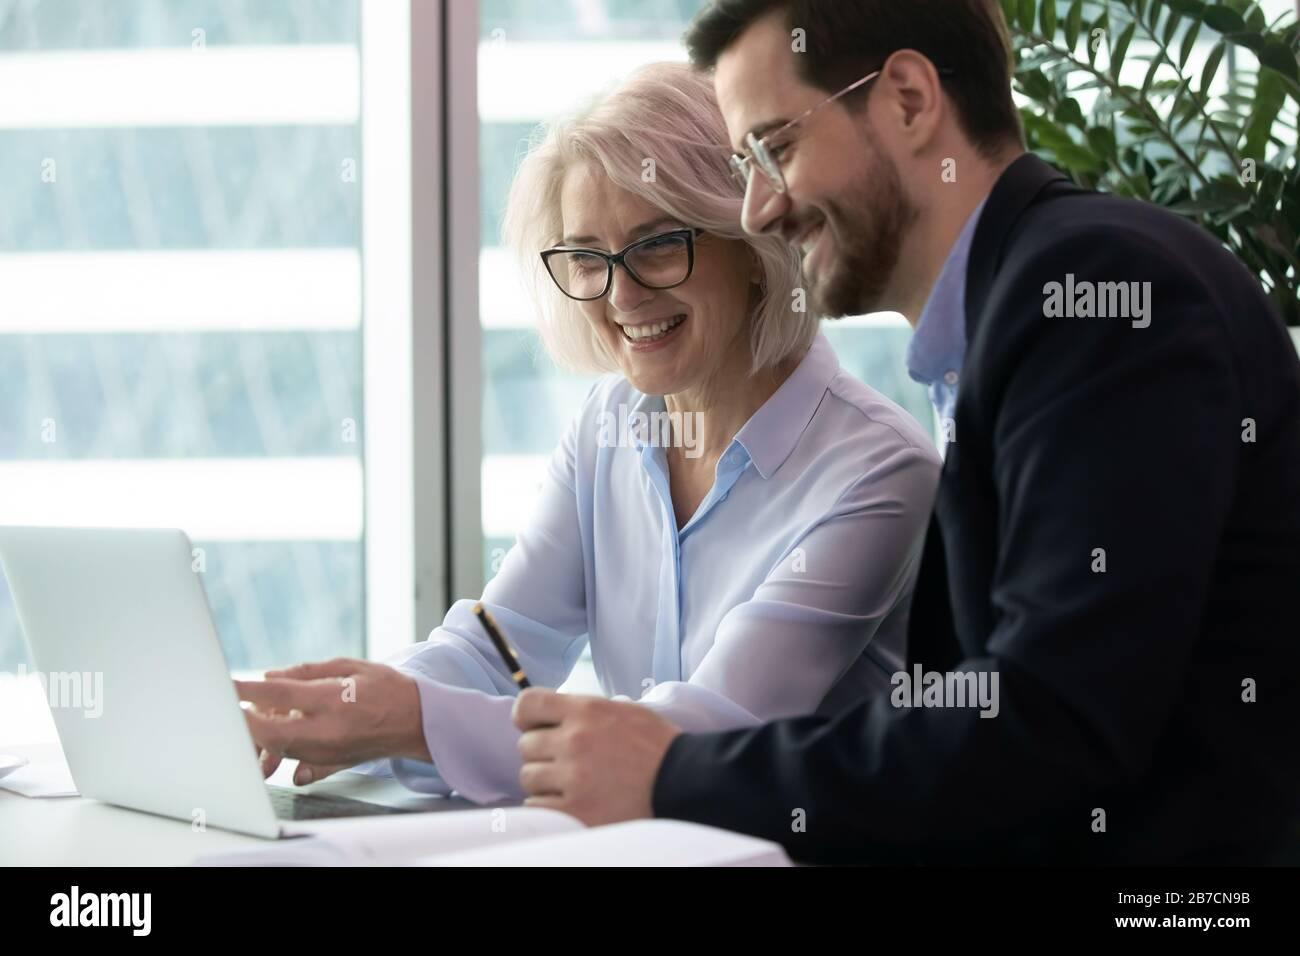 Lachelnde Kollegen Sehen Sich Im Buro Lustige Videos Auf Einem Laptop An Stockfotografie Alamy